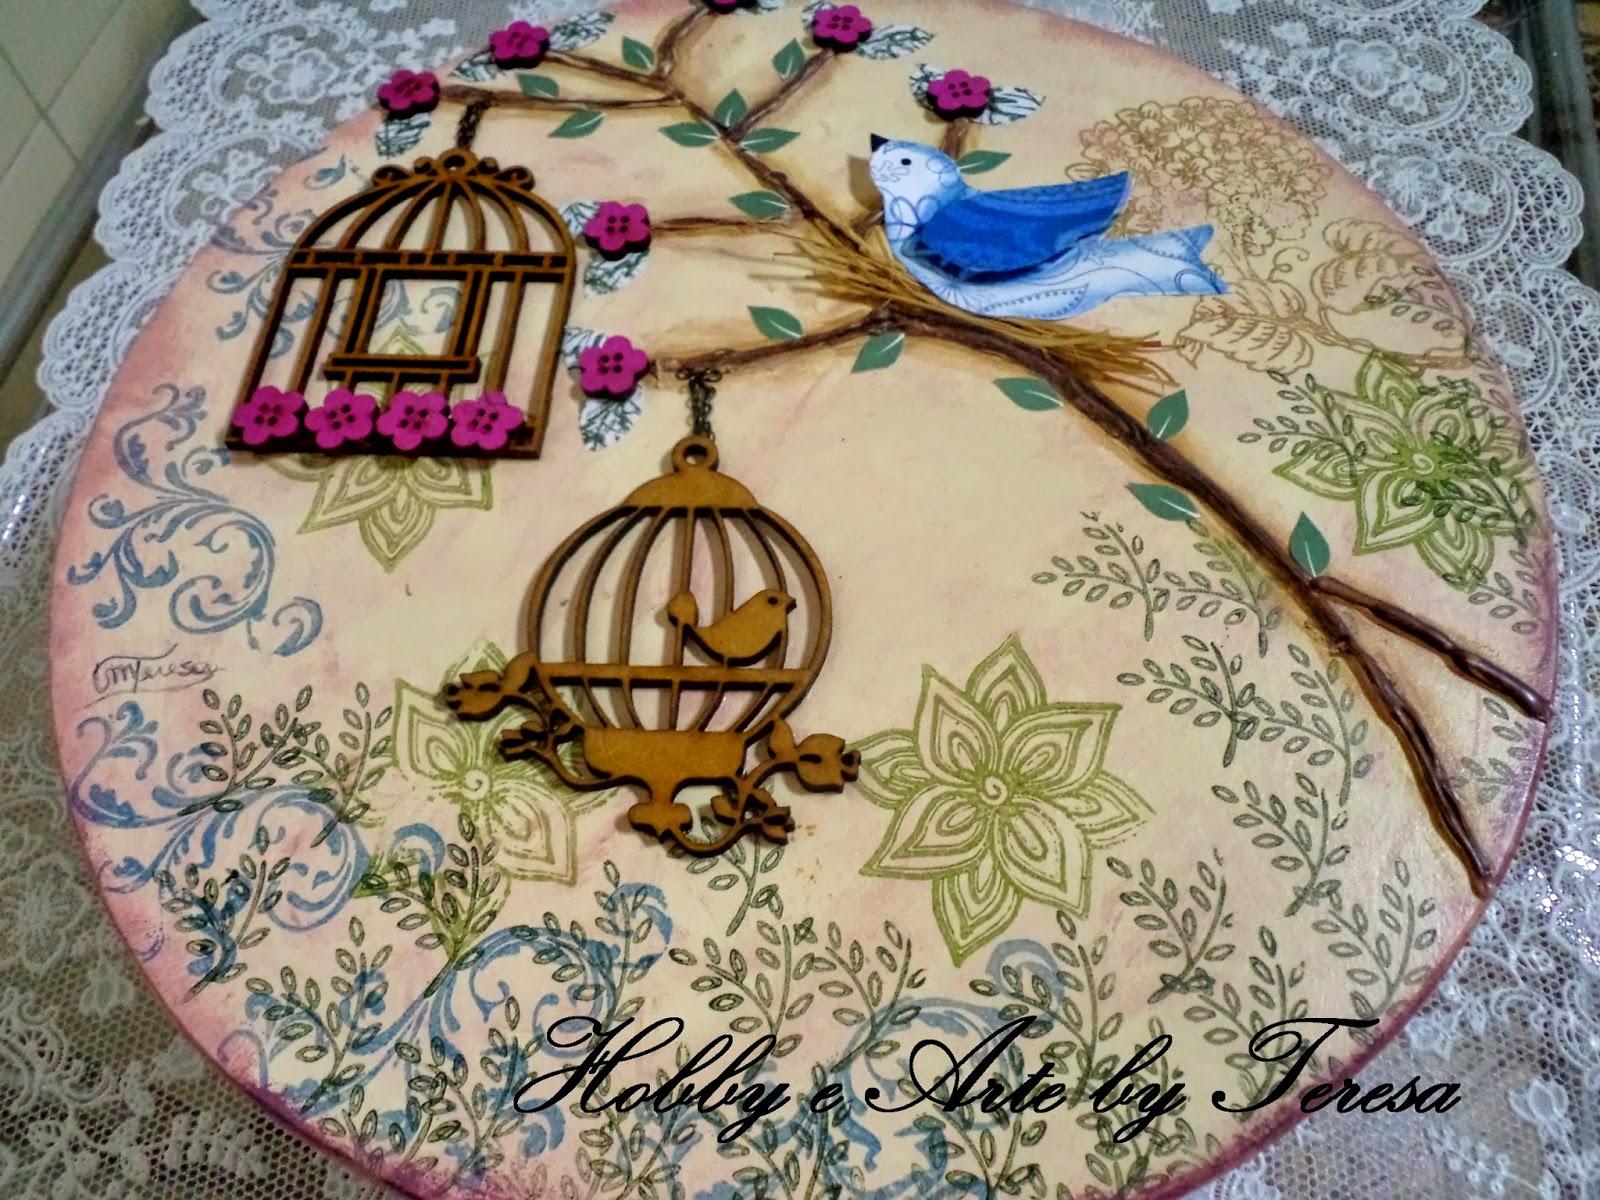 Mais uma linda Caixa em mdf decorada com gaiolas #8F2967 1600x1200